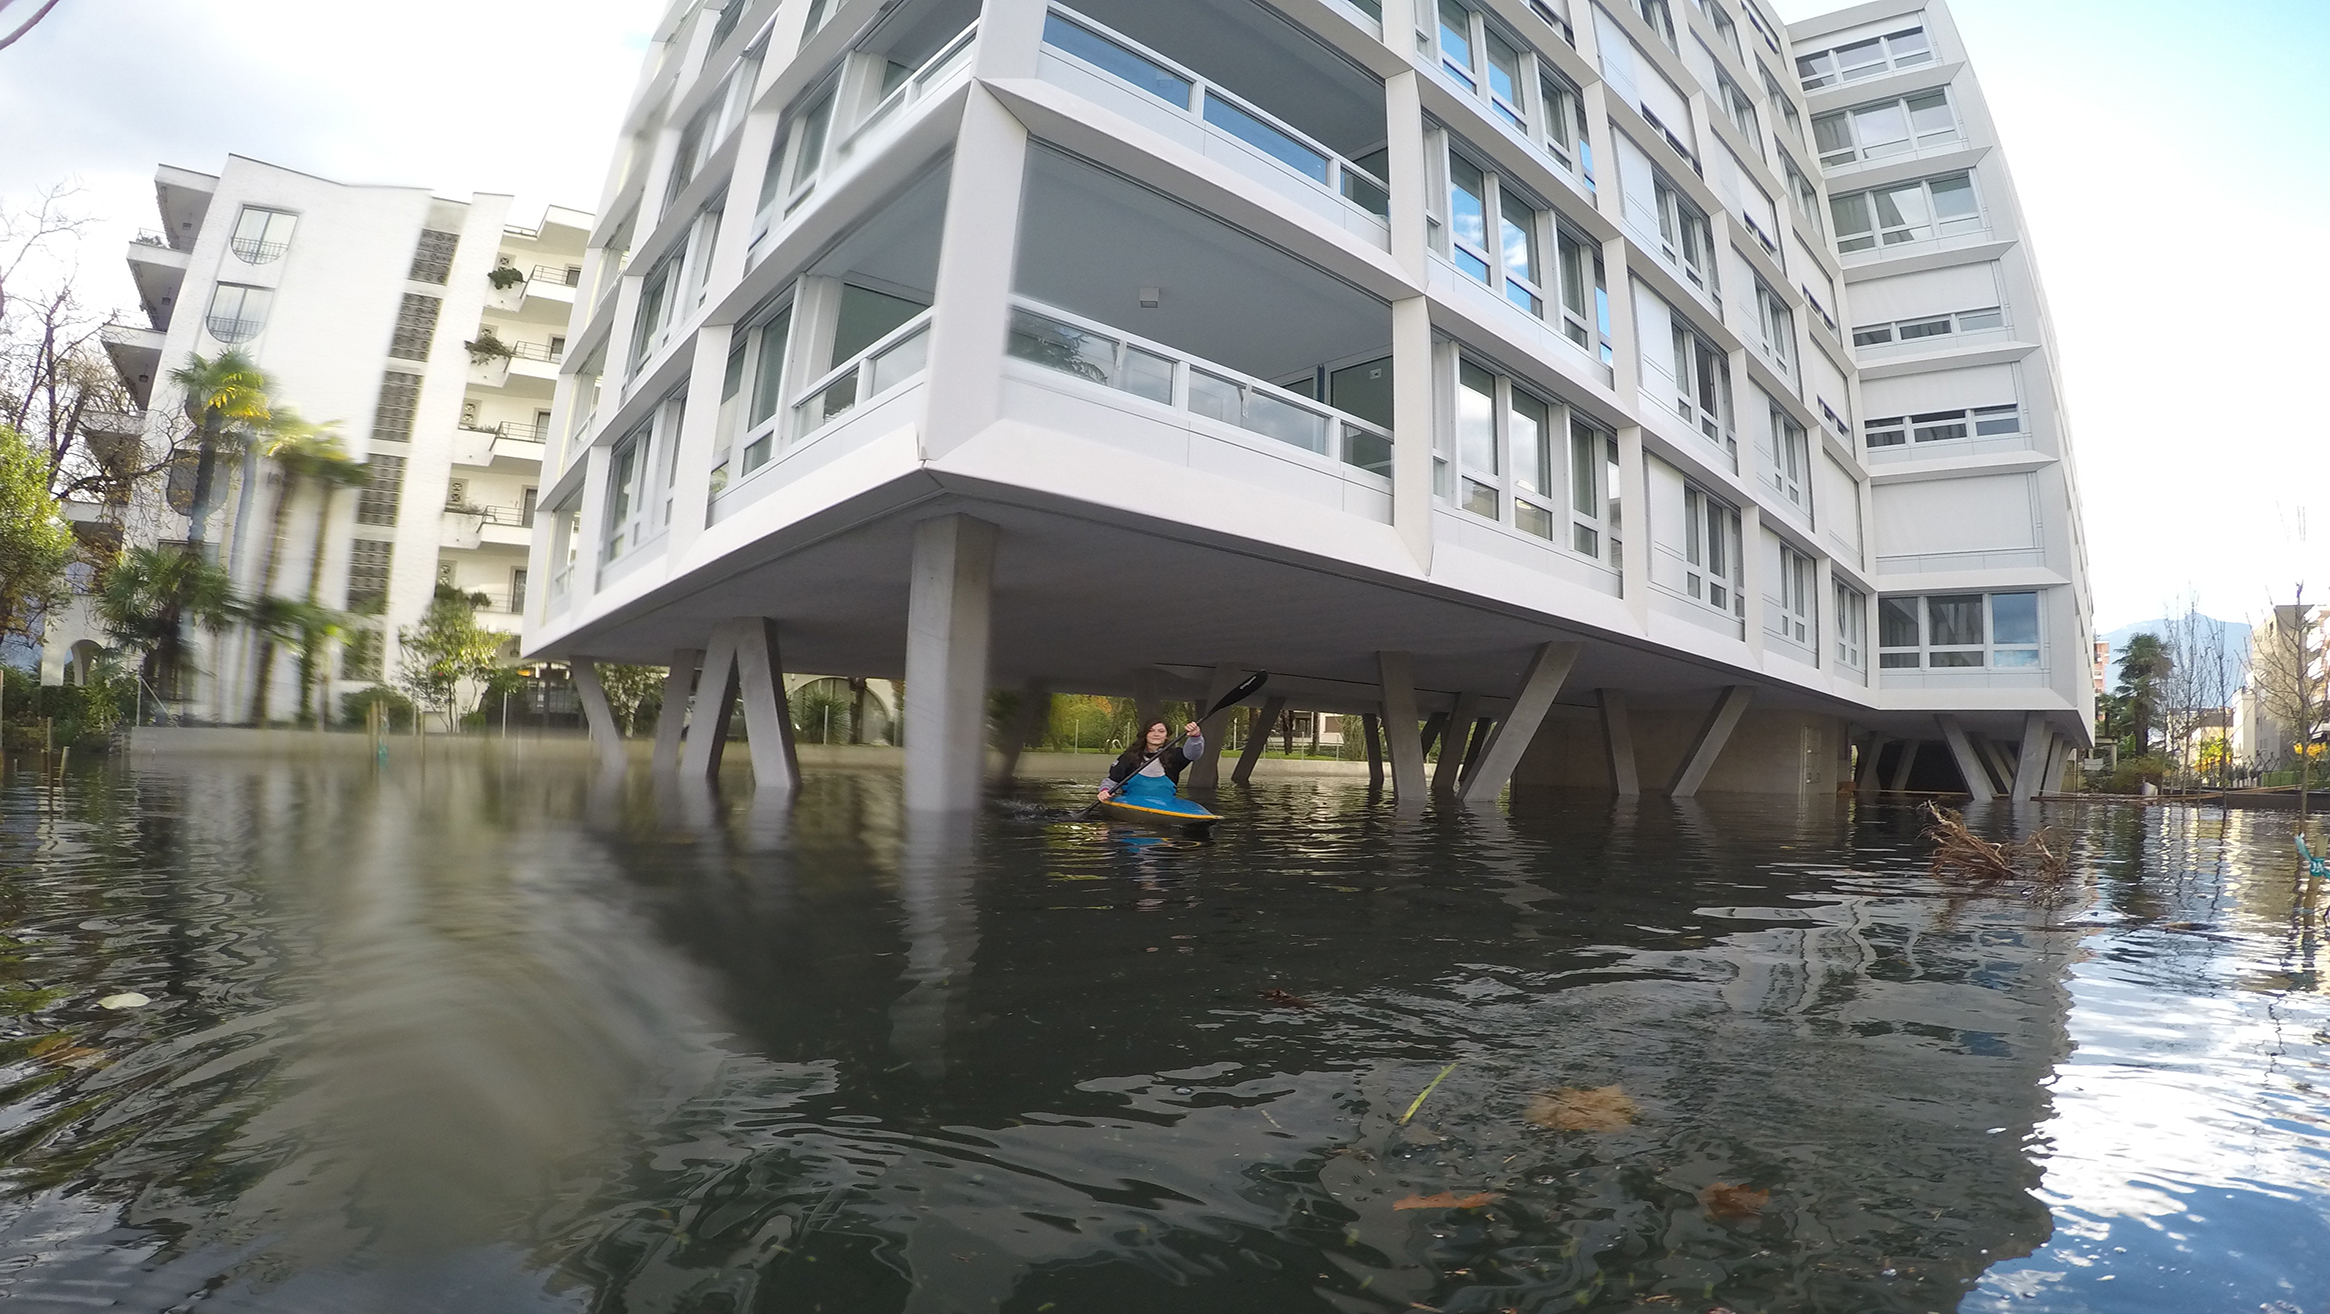 Im November 2014 trat der Lago Maggiore über die Ufer und überschwemmte Wohnquartiere in Locarno. (Bild: Mobiliar Lab für Naturrisiken / Luca Panziera)